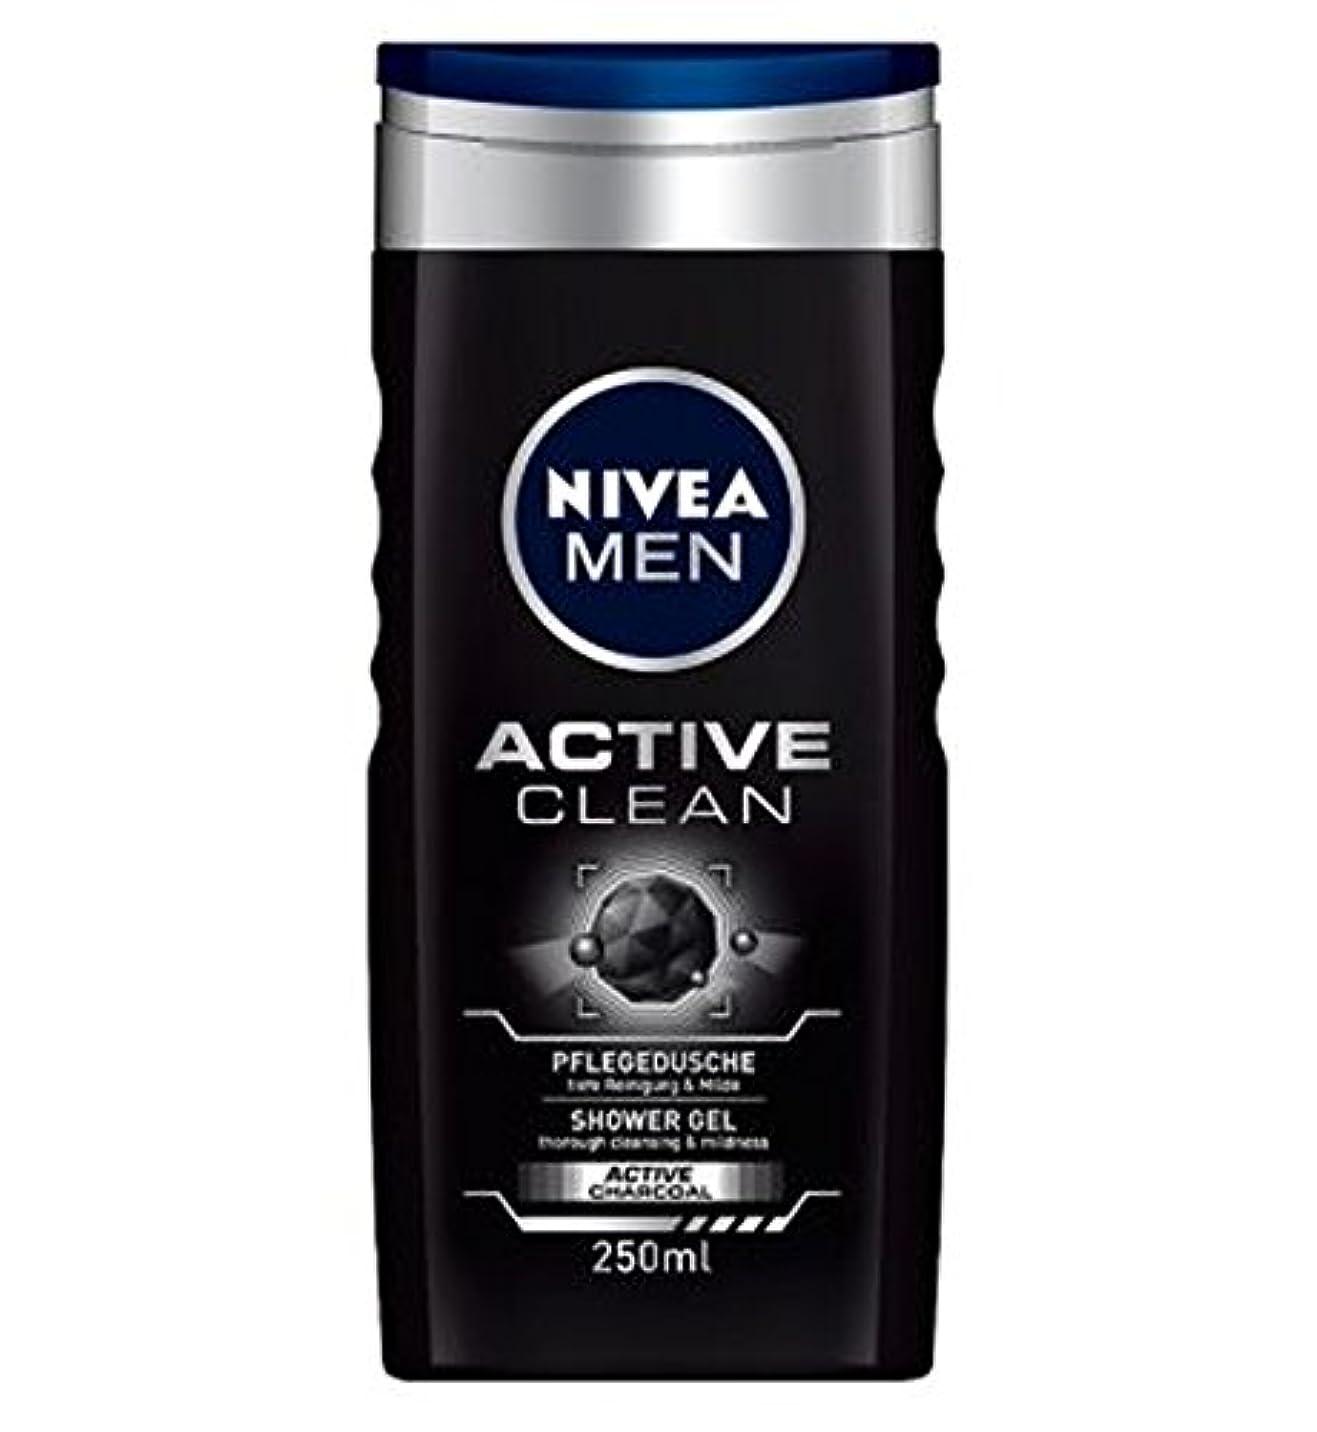 減少ルーキー不運ニベアの男性アクティブクリーンシャワージェル250ミリリットル (Nivea) (x2) - NIVEA MEN Active Clean Shower Gel 250ml (Pack of 2) [並行輸入品]